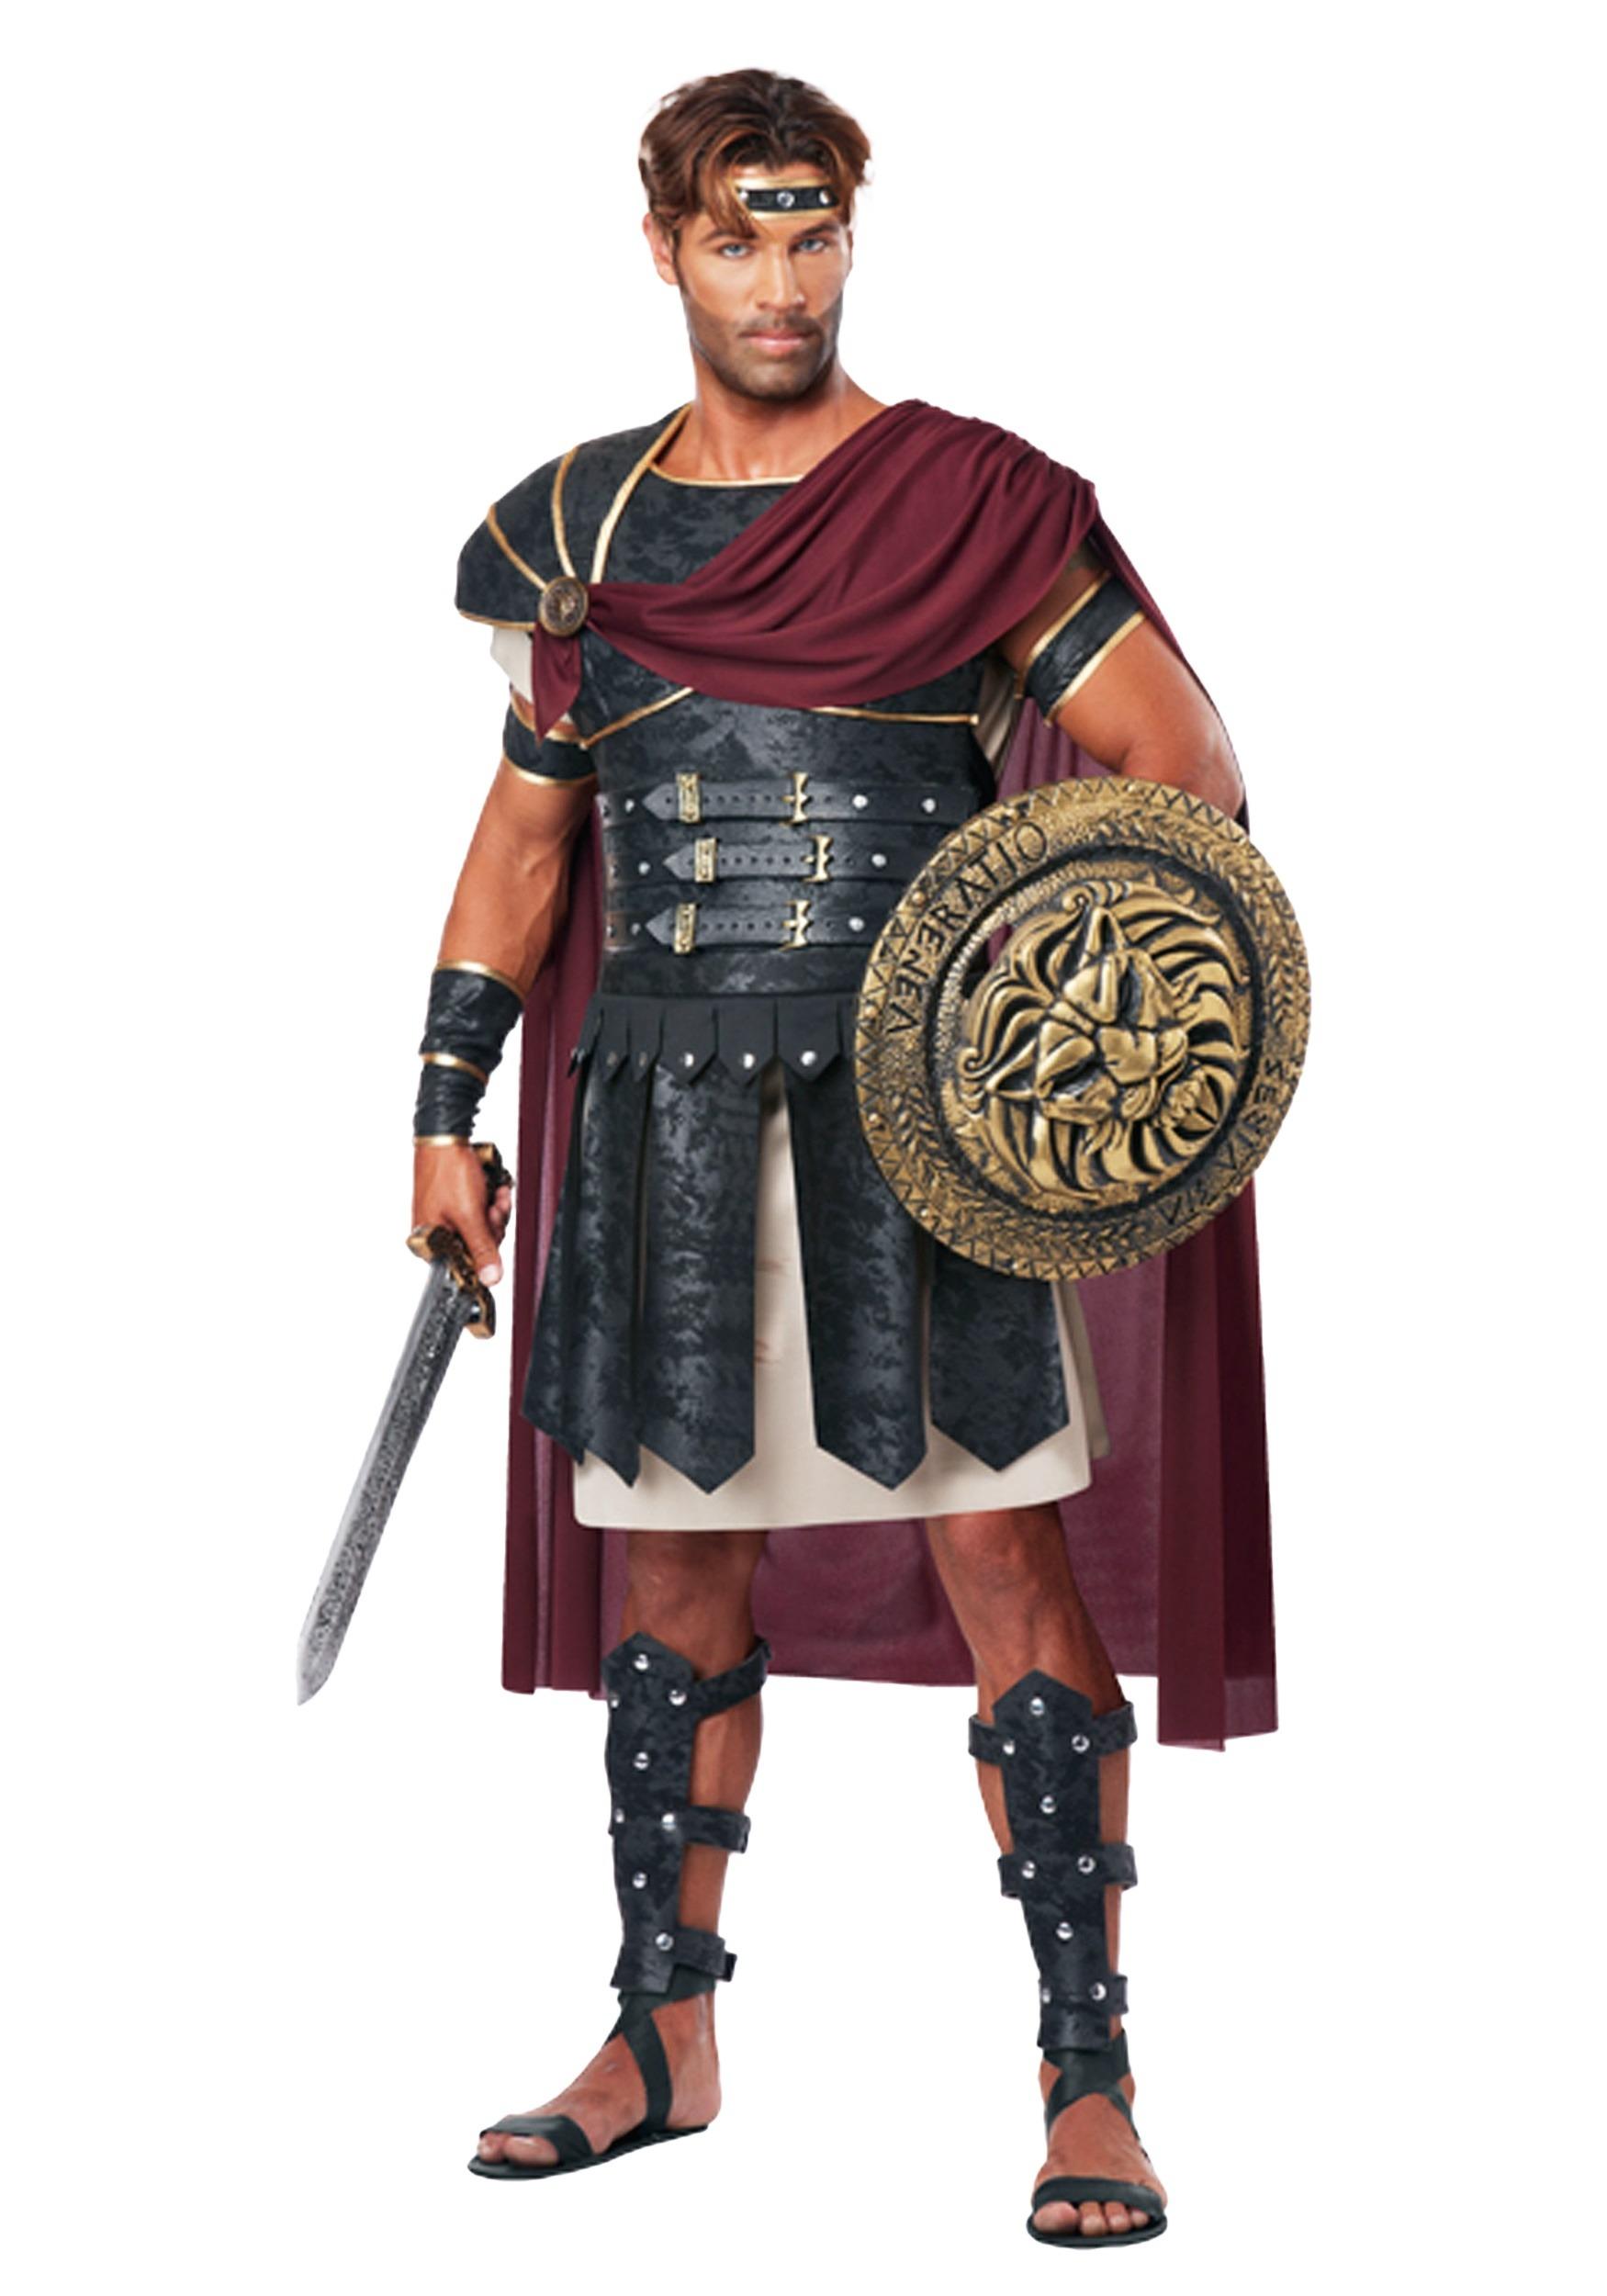 Men's Roman Gladiator Costume